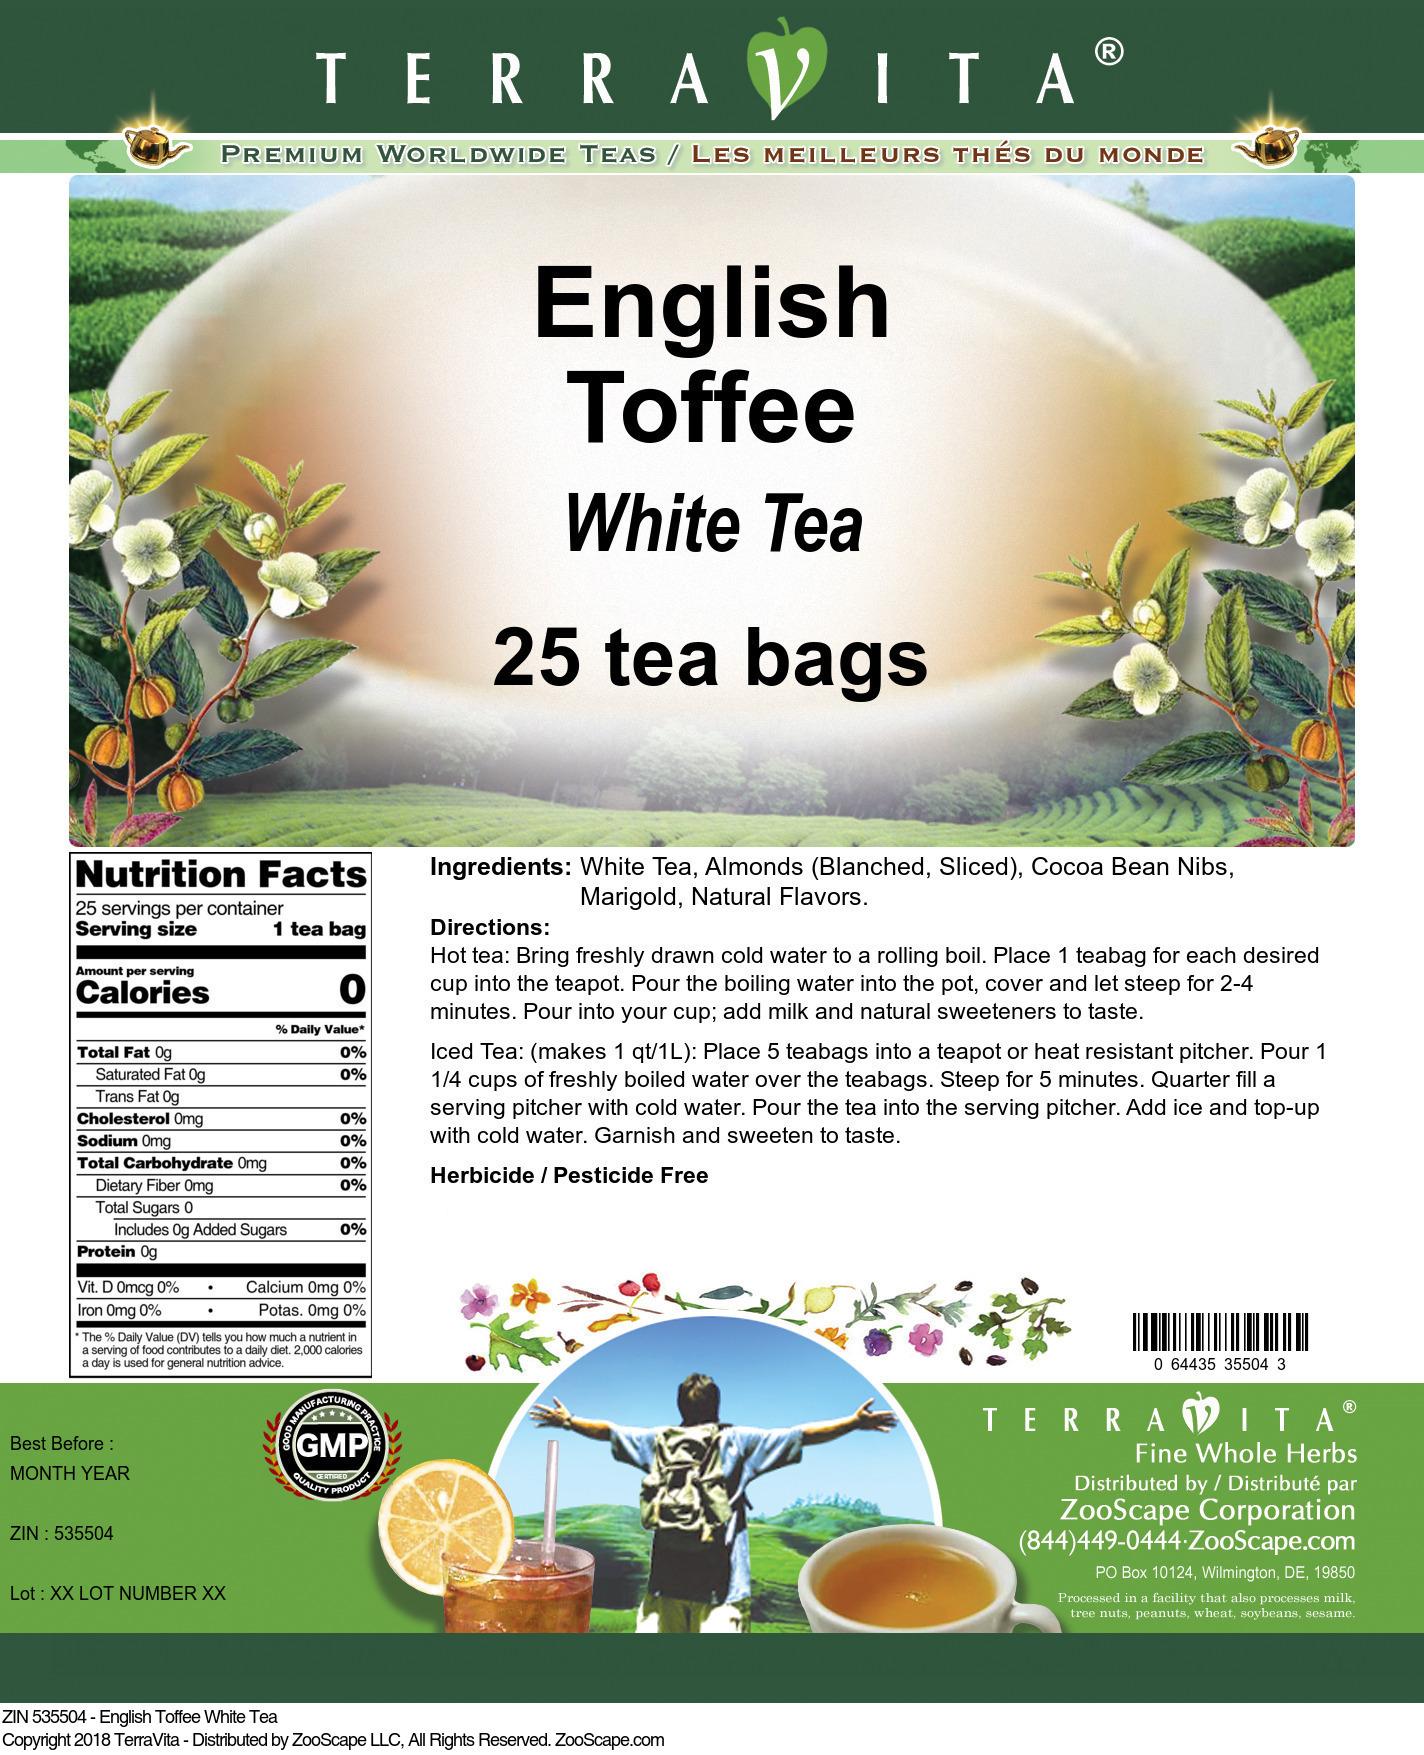 English Toffee White Tea